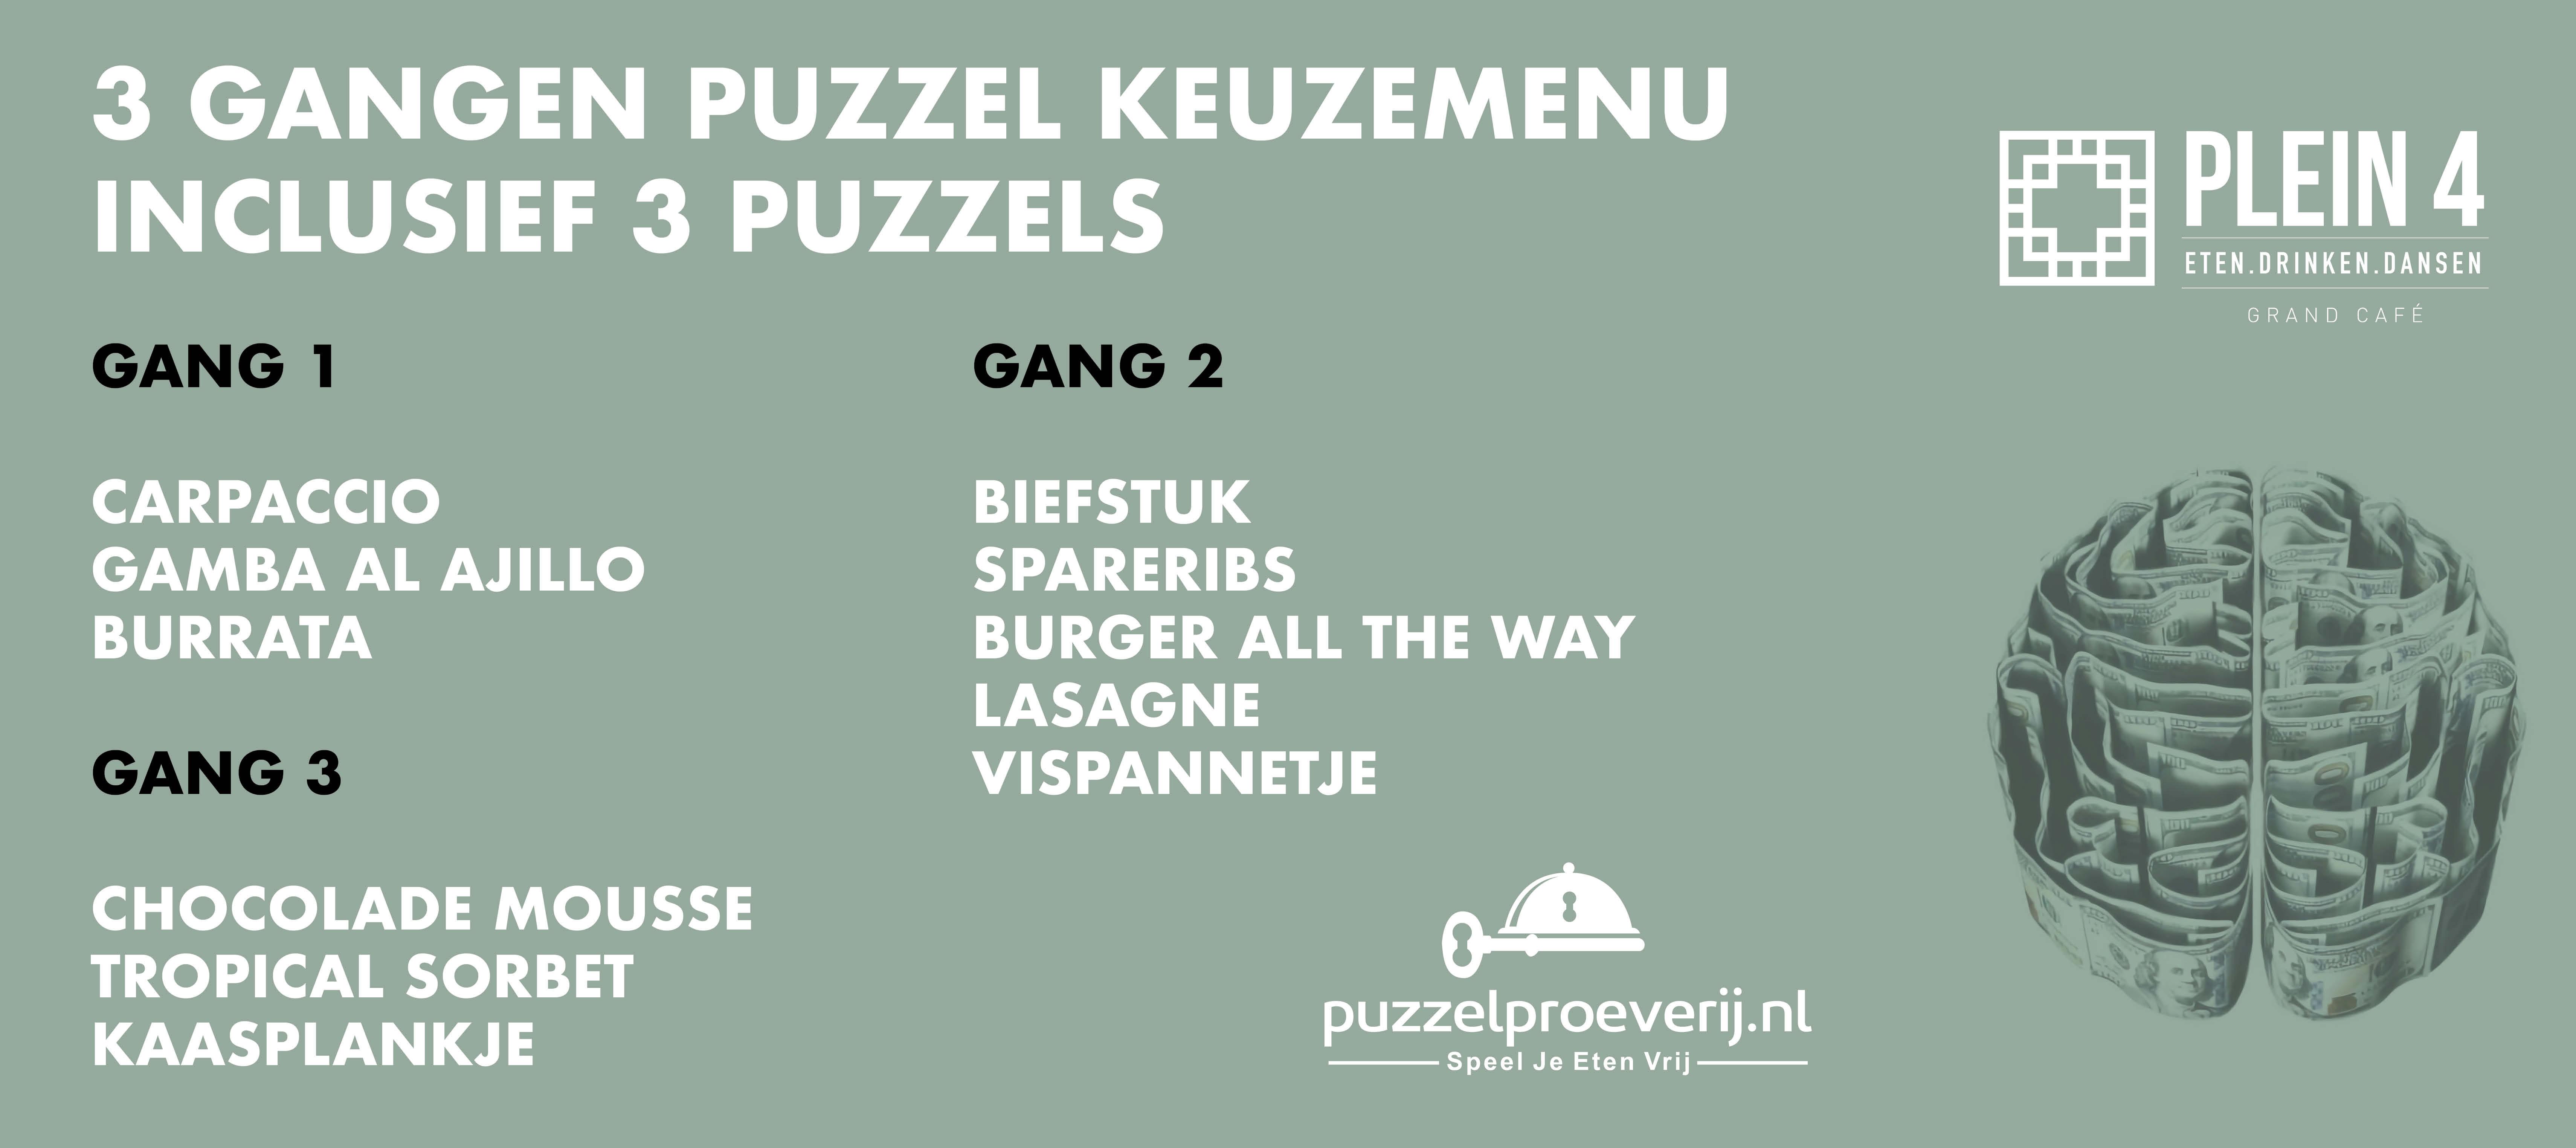 Arrangement Diner - 3 gangen Puzzel Keuzemenu bij Grand Café Plein 4 in EINDHOVEN